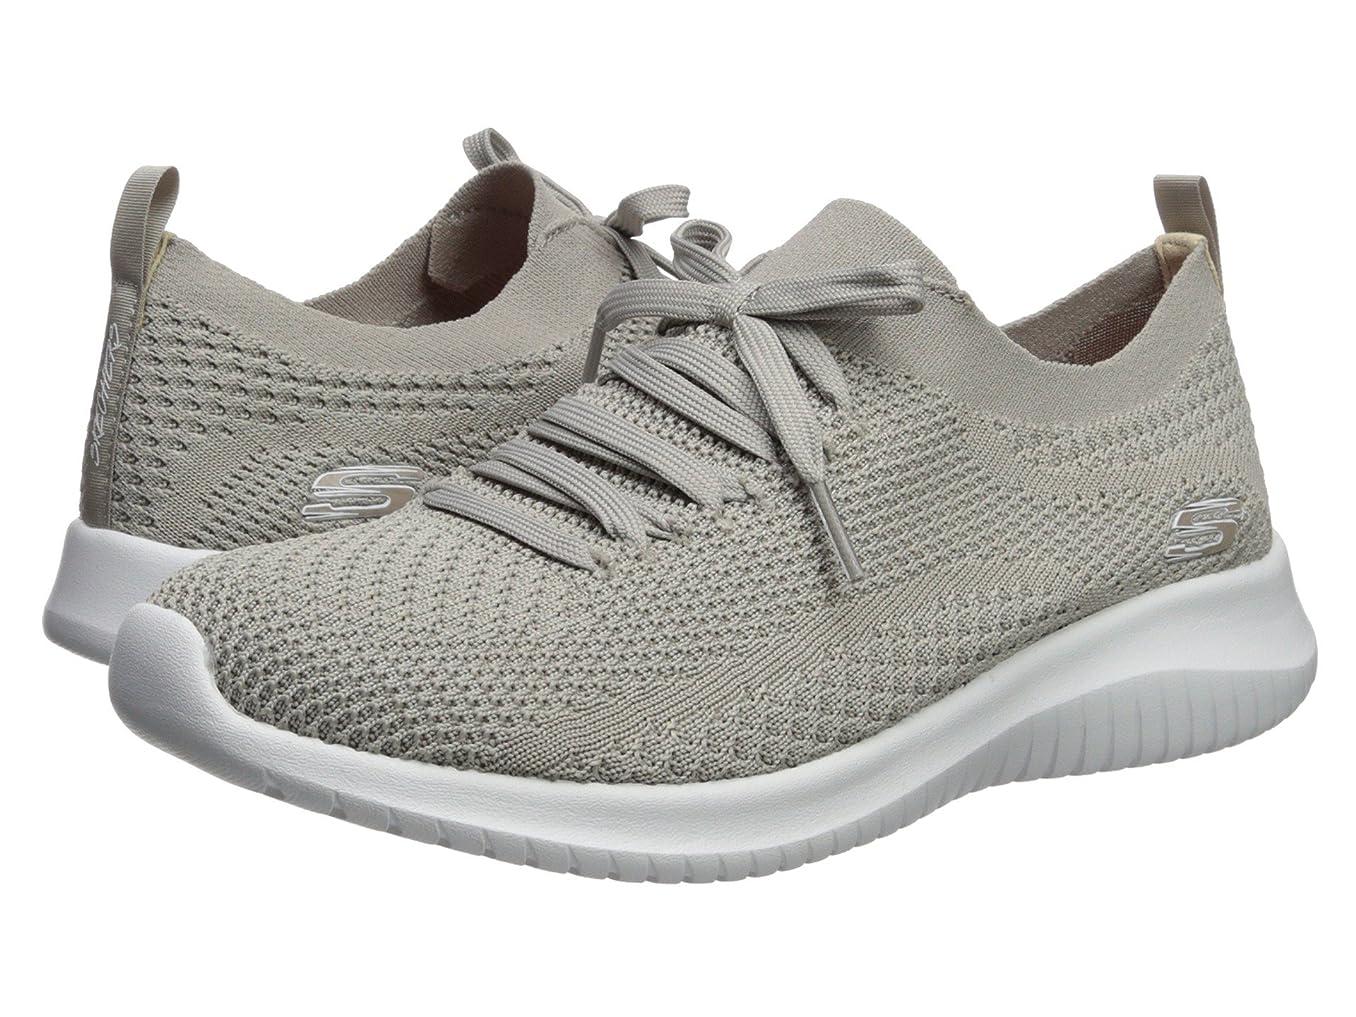 箱脈拍塩レディーススニーカー?ウォーキングシューズ?靴 Ultra Flex - Statements Taupe 5.5 (22.5cm) B [並行輸入品]